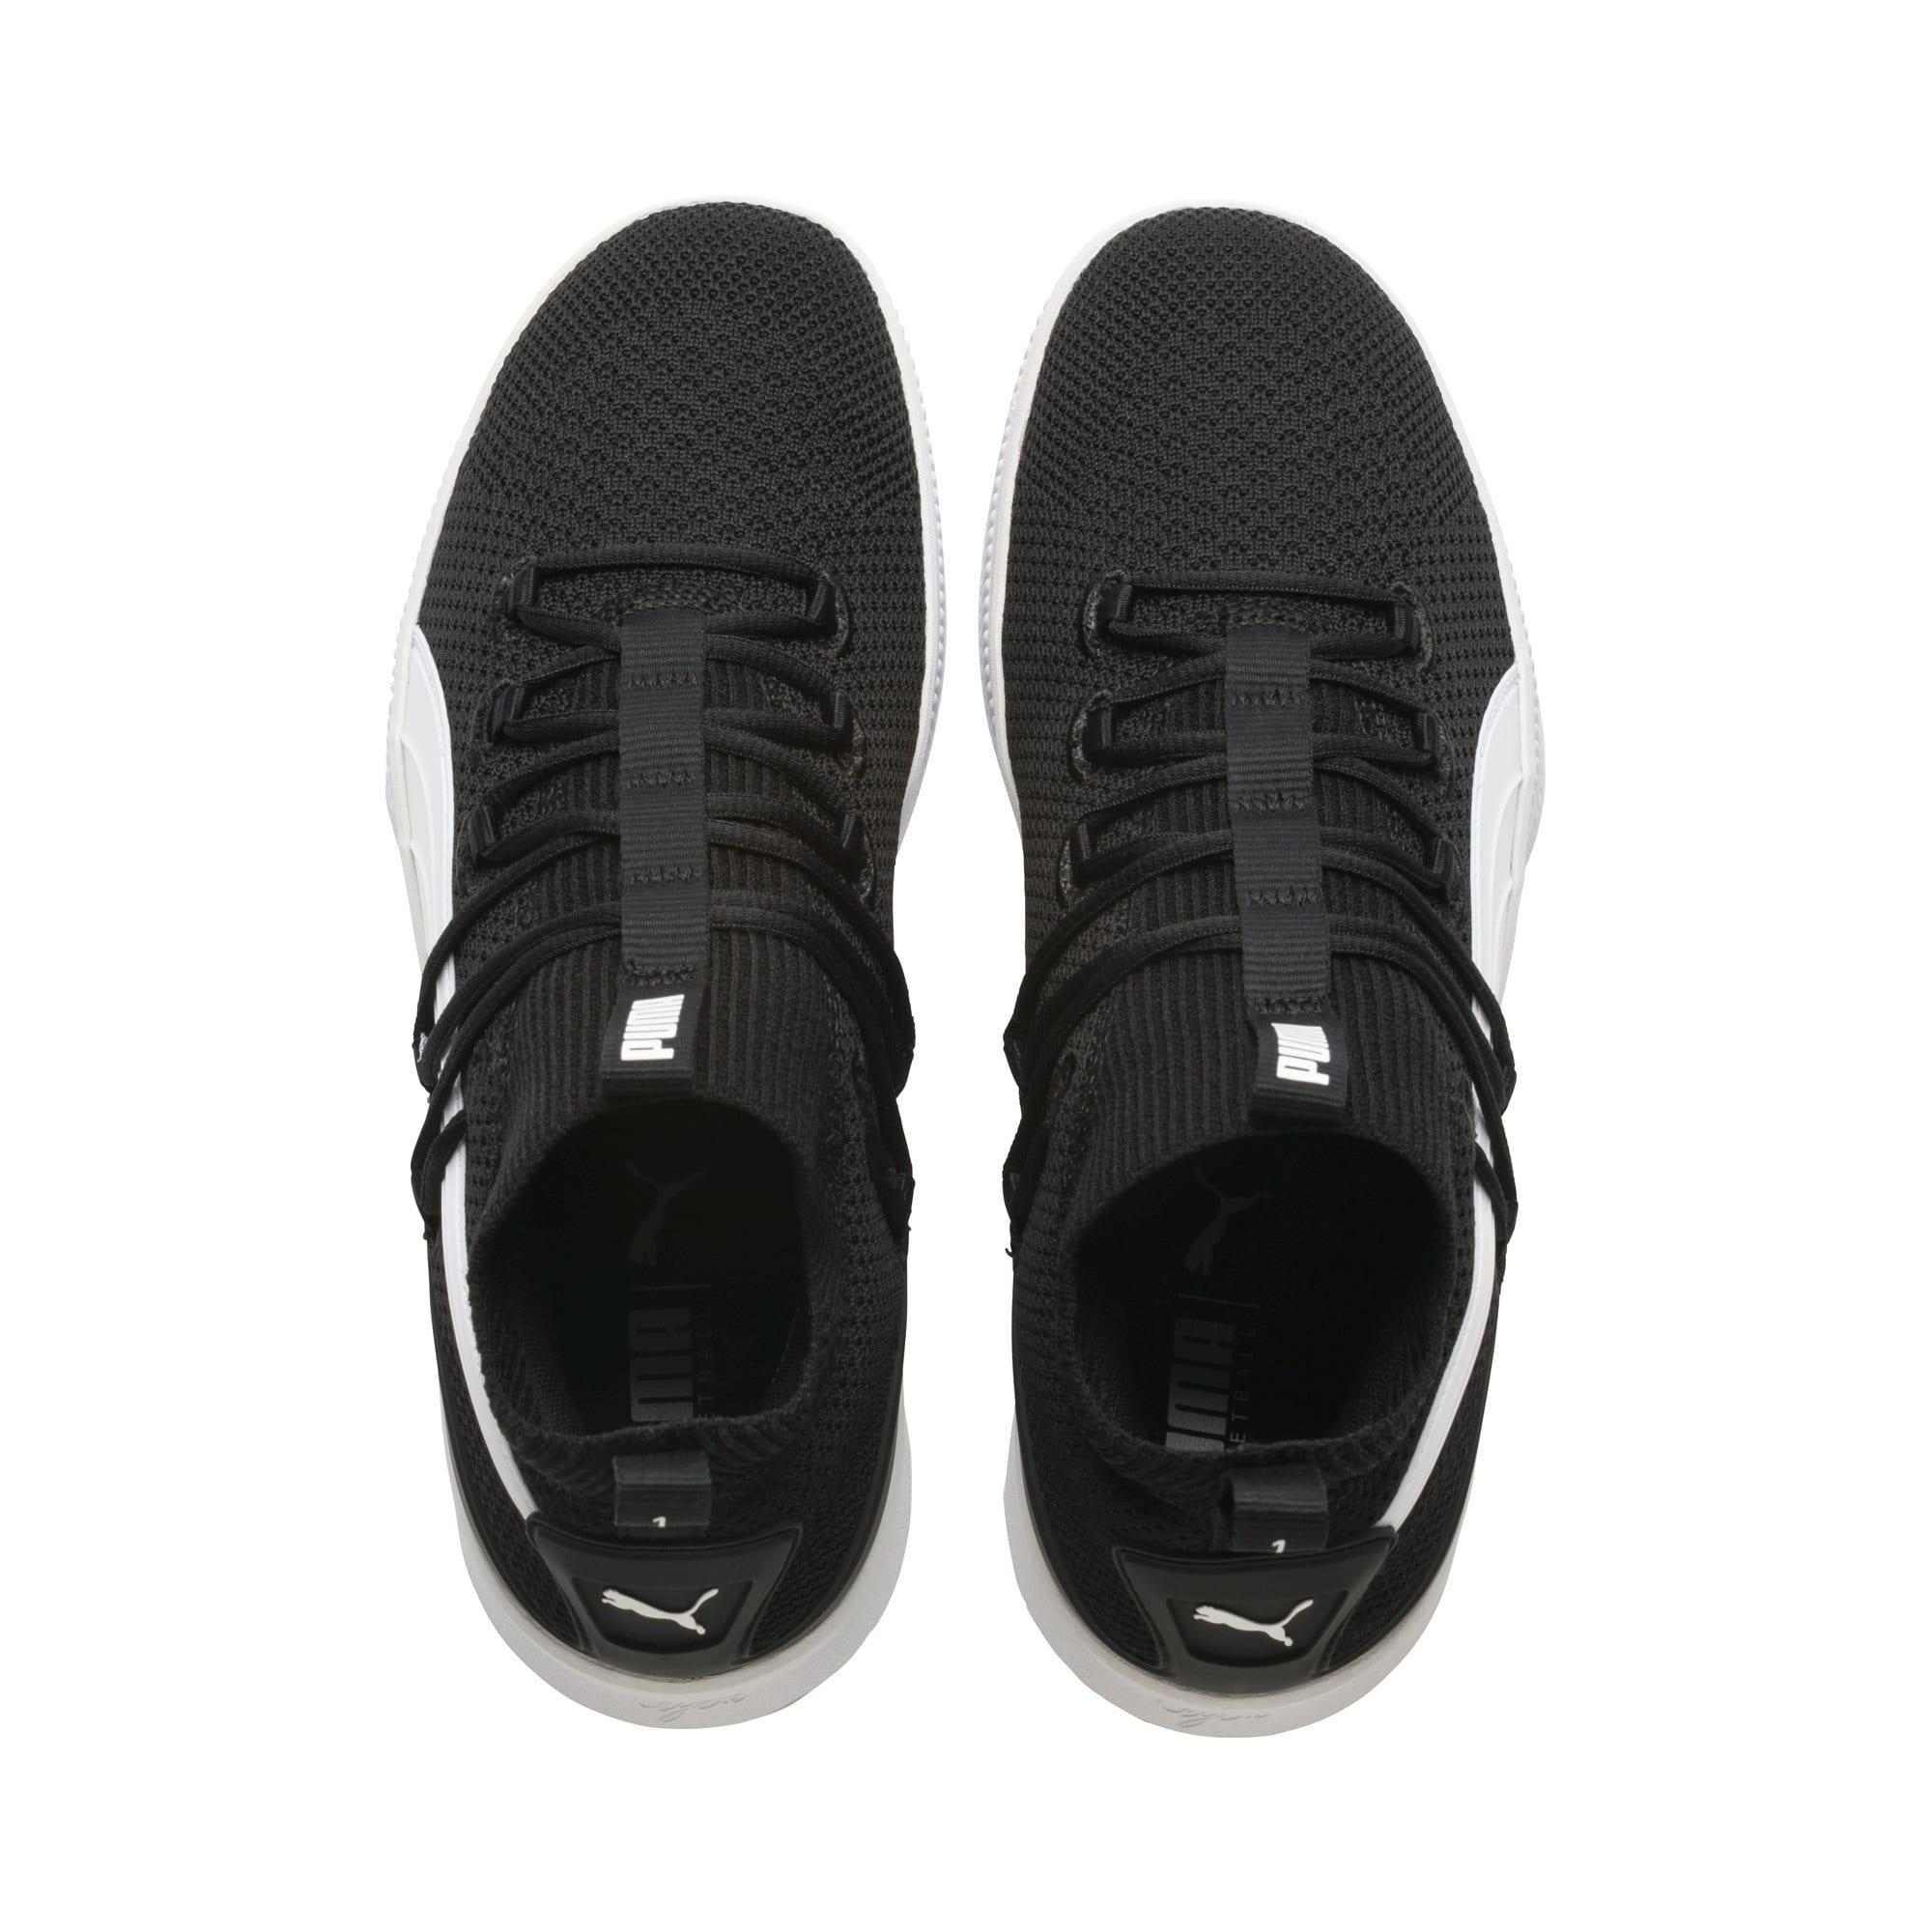 Imagen en miniatura 6 de Zapatillas de baloncesto Clyde Court, Puma Black, mediana